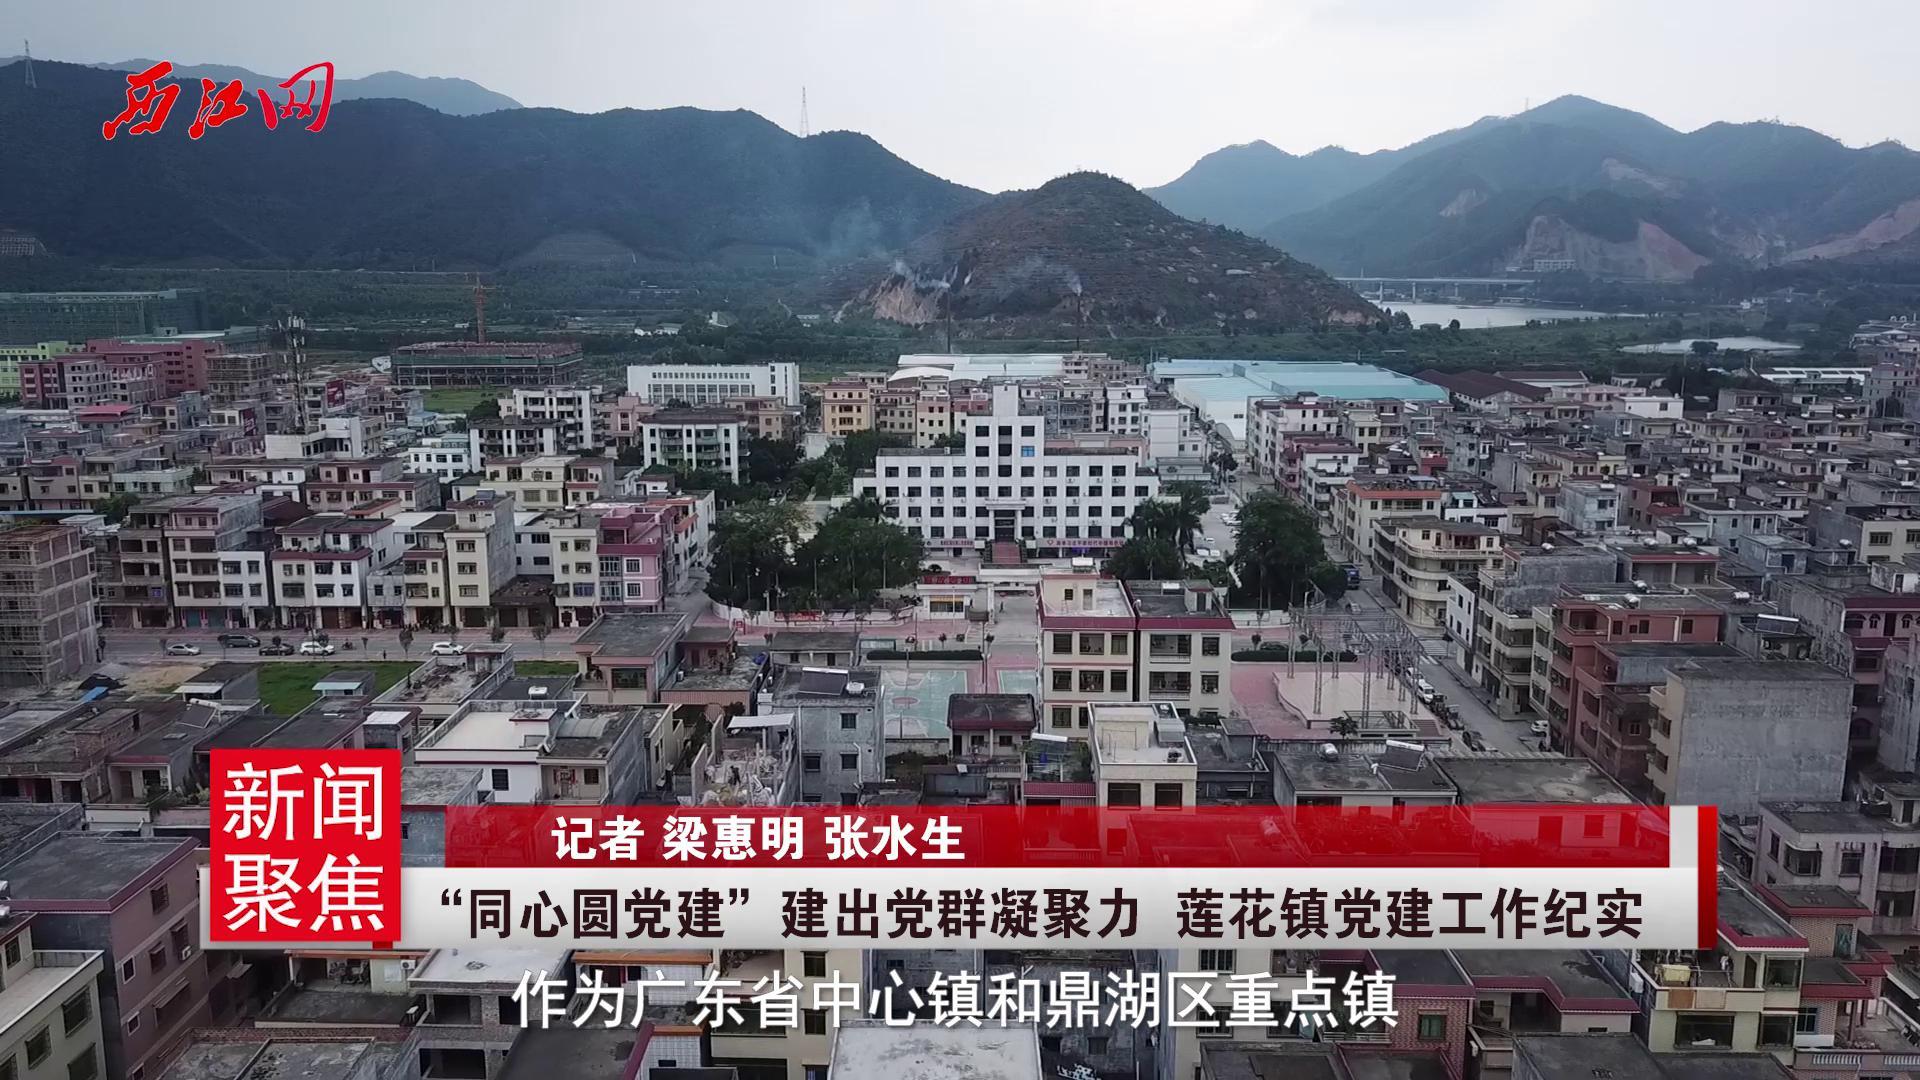 鼎湖区莲花镇党建工作纪实:以基层党建凝聚发展合力